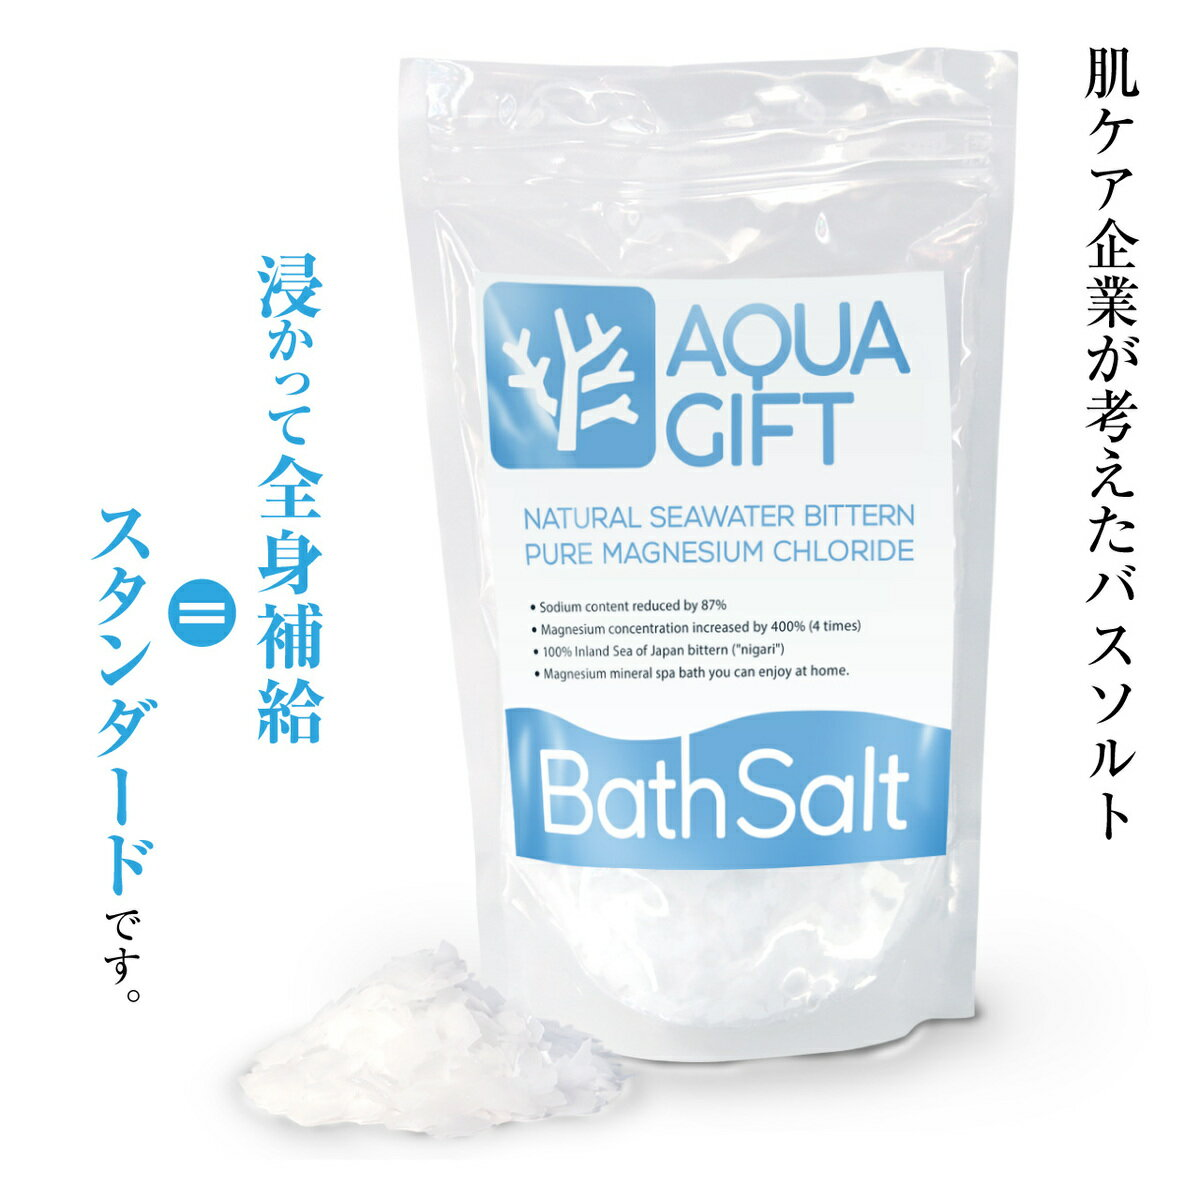 バスソルトマグネシウム入浴剤 AQUA GIFT 国産 保湿 浴用化粧品 30回分 計量スプーン付